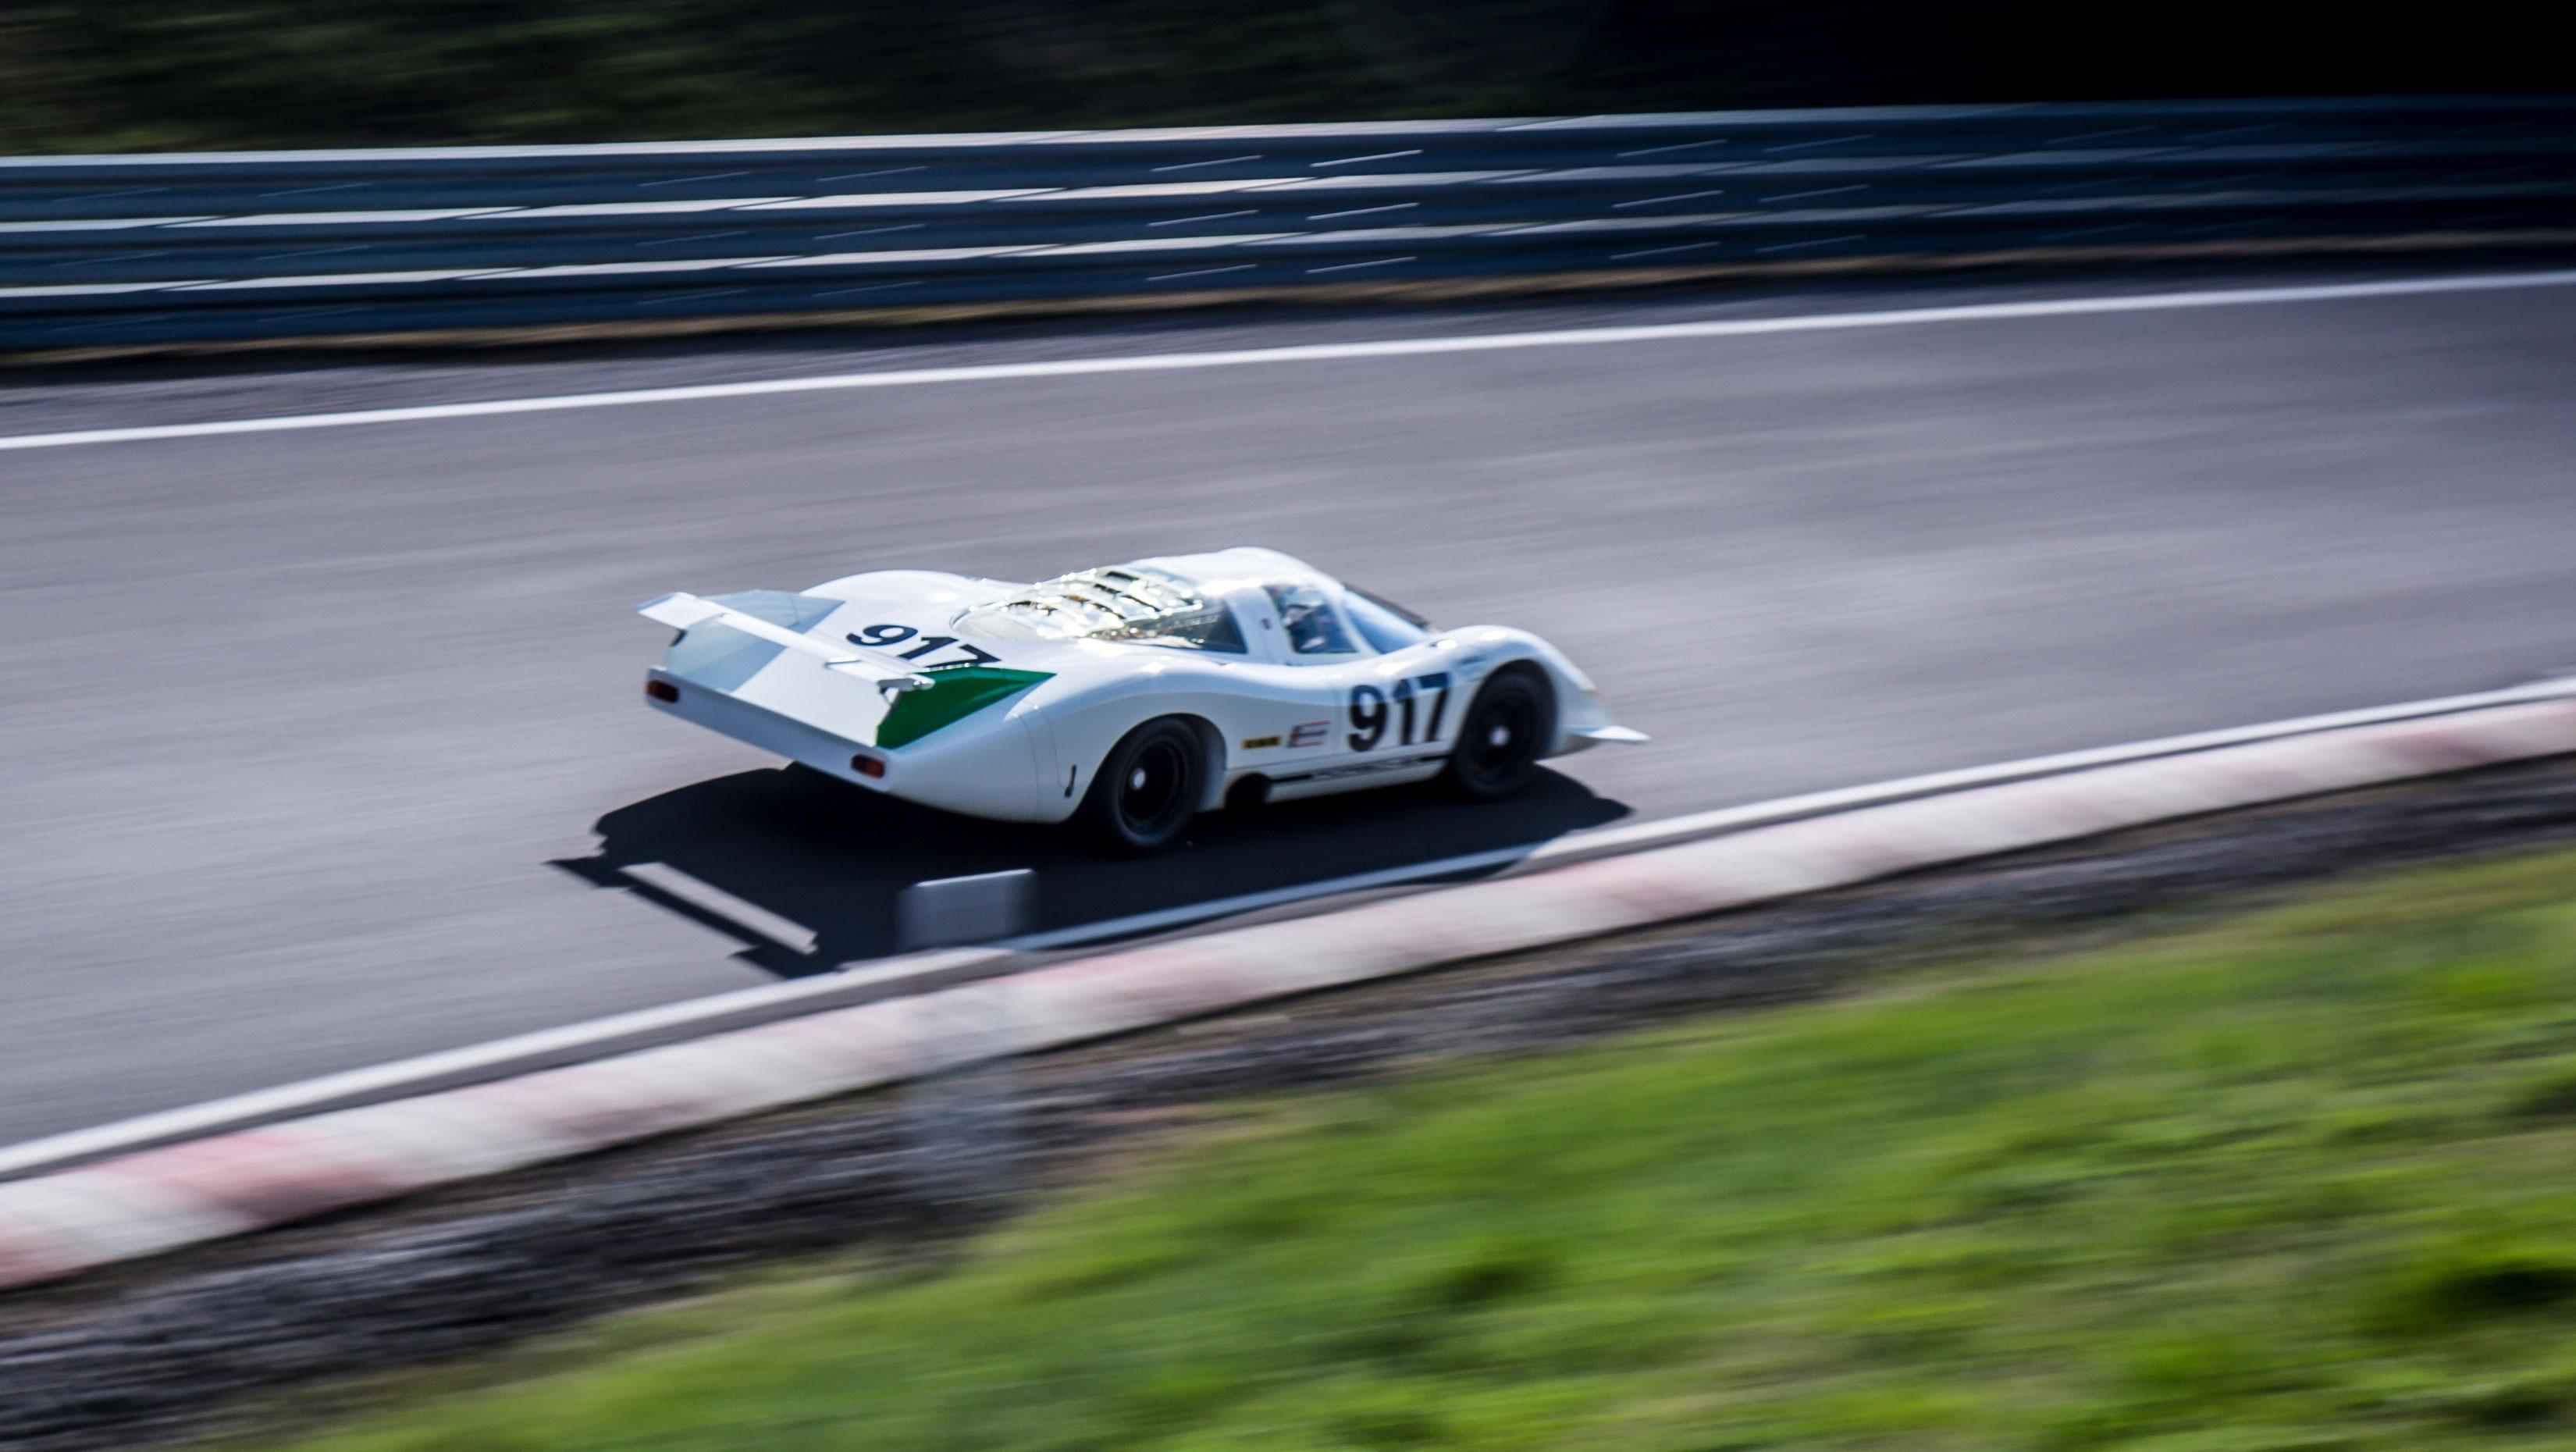 Porsche 917 rear 3/4